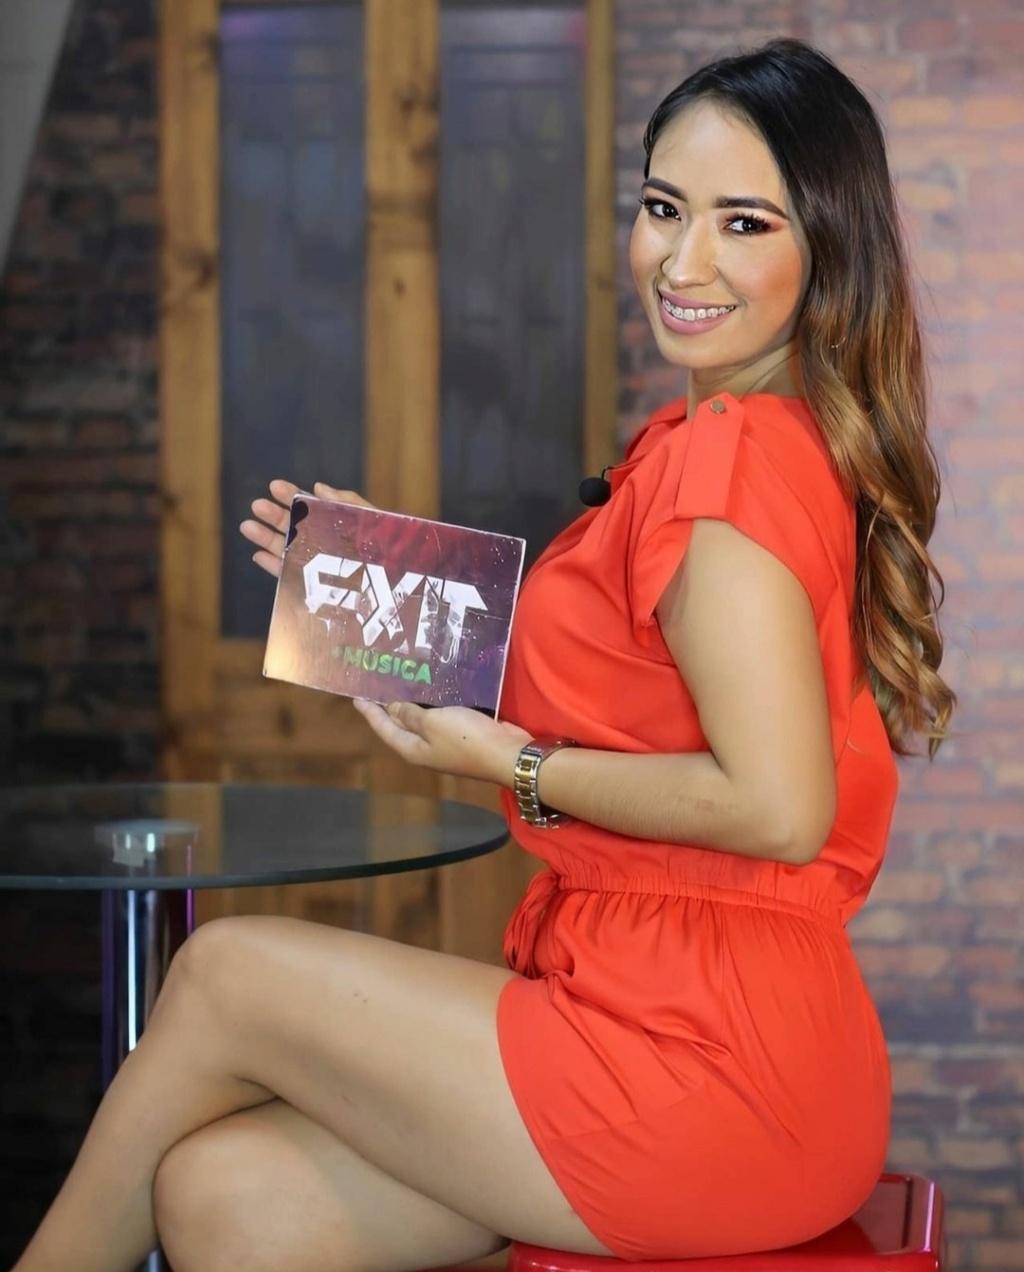 DEBATE sobre belleza, guapura y hermosura (fotos de chicas latinas, mestizas, y de todo) - VOL II - Página 9 Img_1340